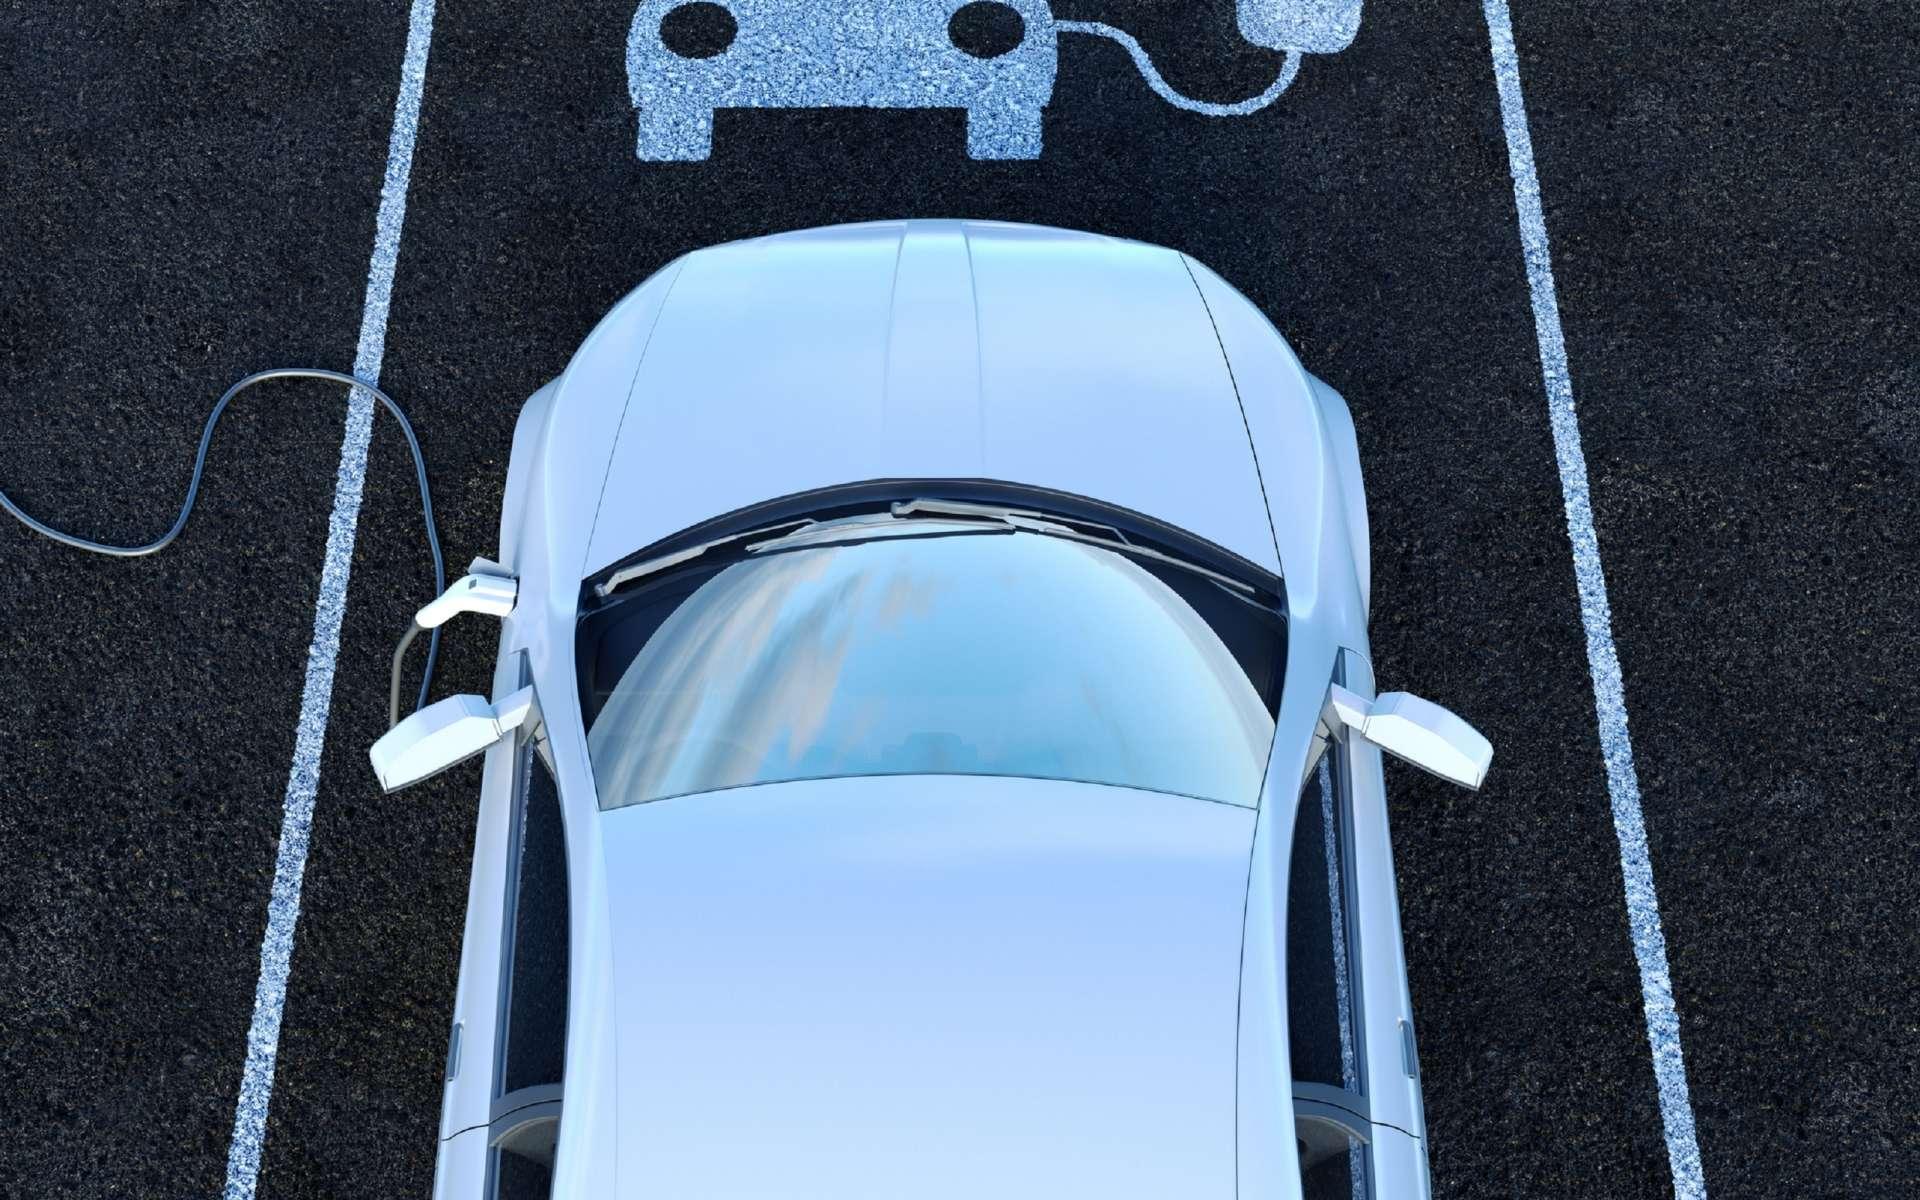 La chute de l'or noir va-t-elle stopper les ventes de véhicules électriques ? © 3alexd, IStock.com